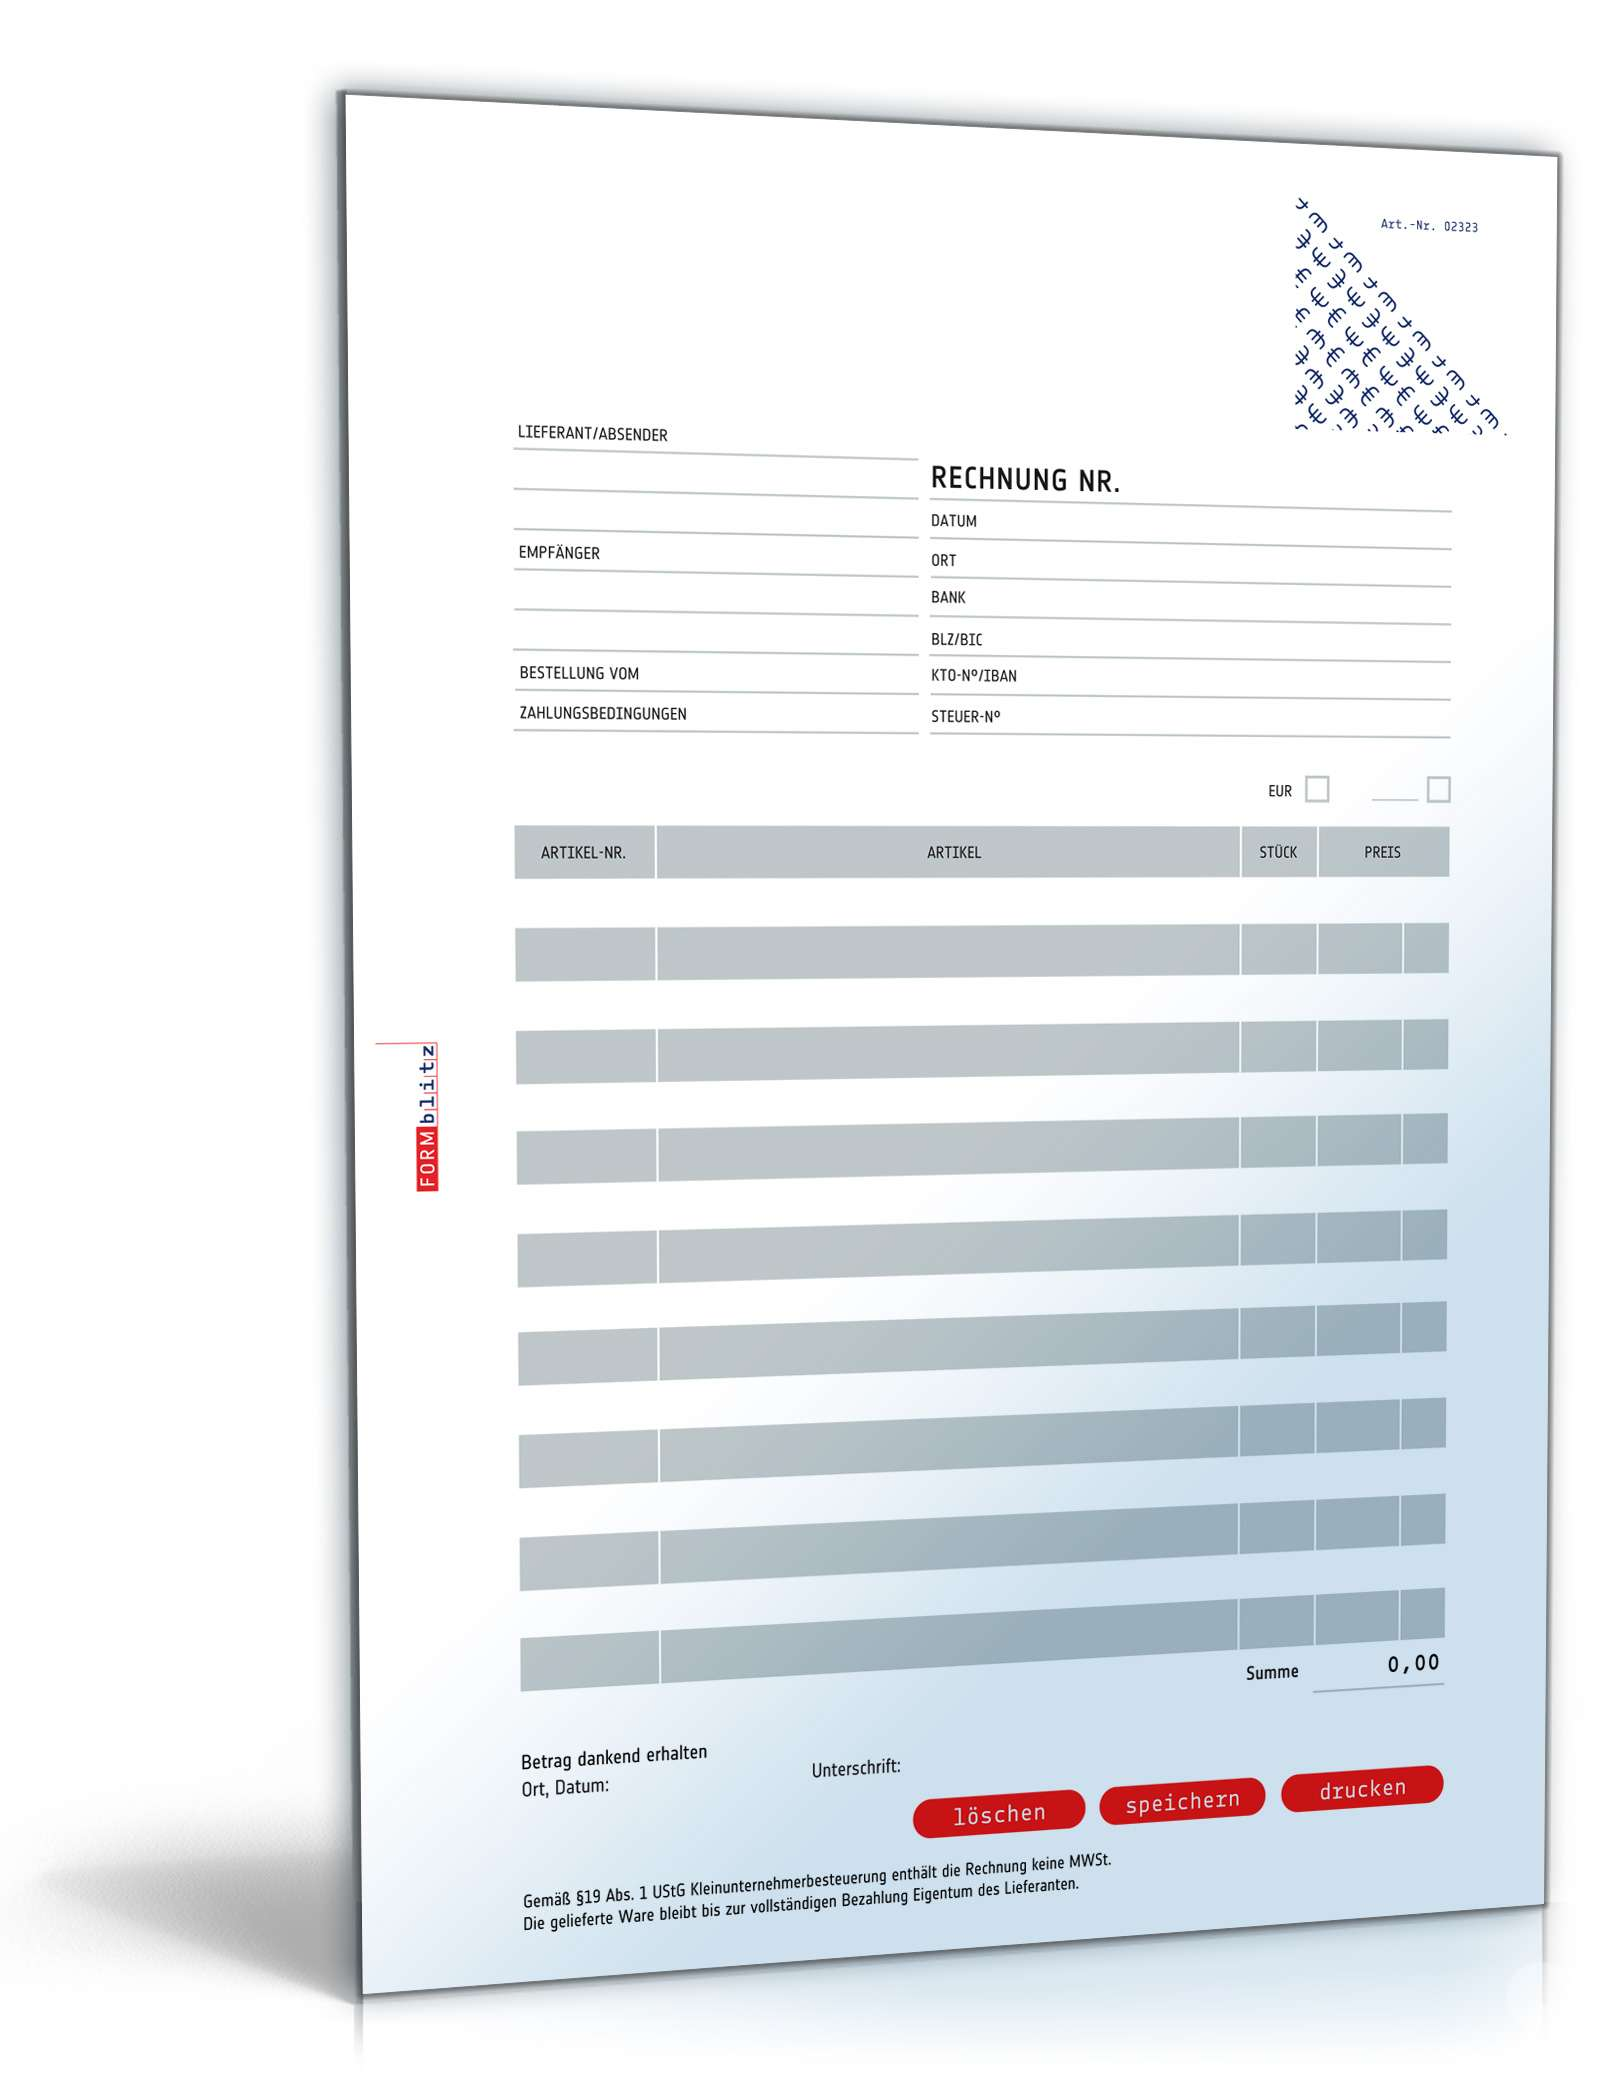 Rechnung Kleinunternehmer Ohne Mehrwertsteuer Muster Zum Download